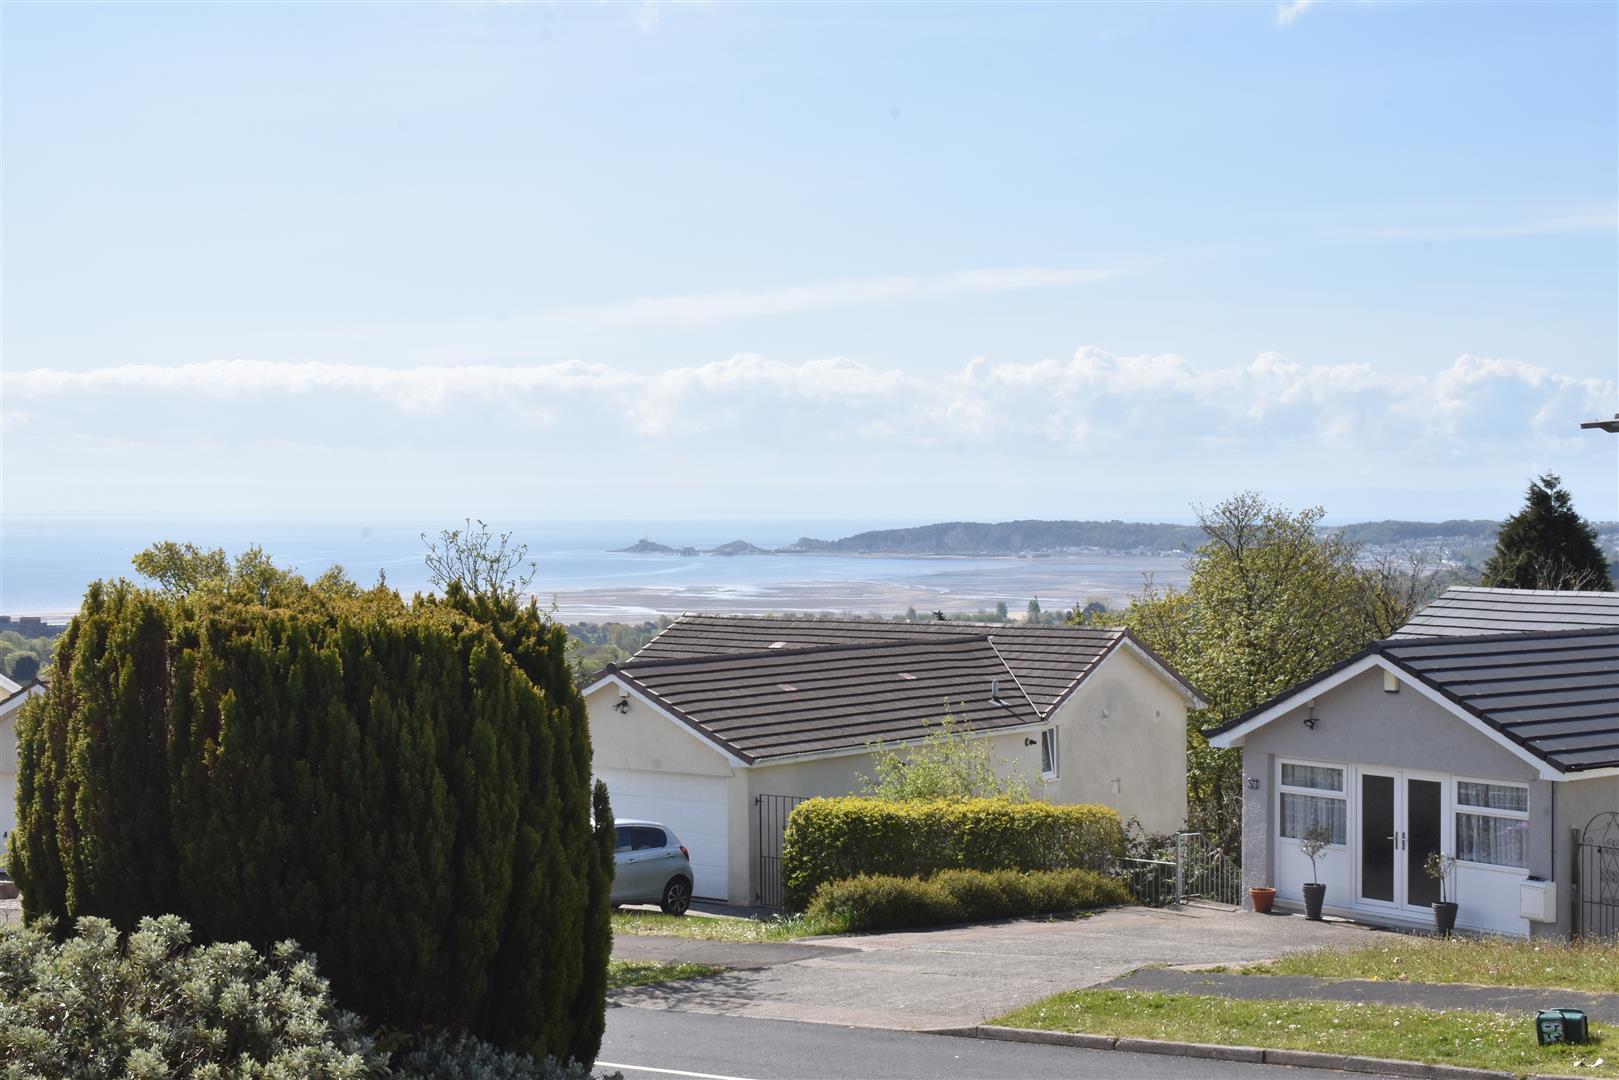 Pastoral Way, Sketty, Swansea, SA2 9LY